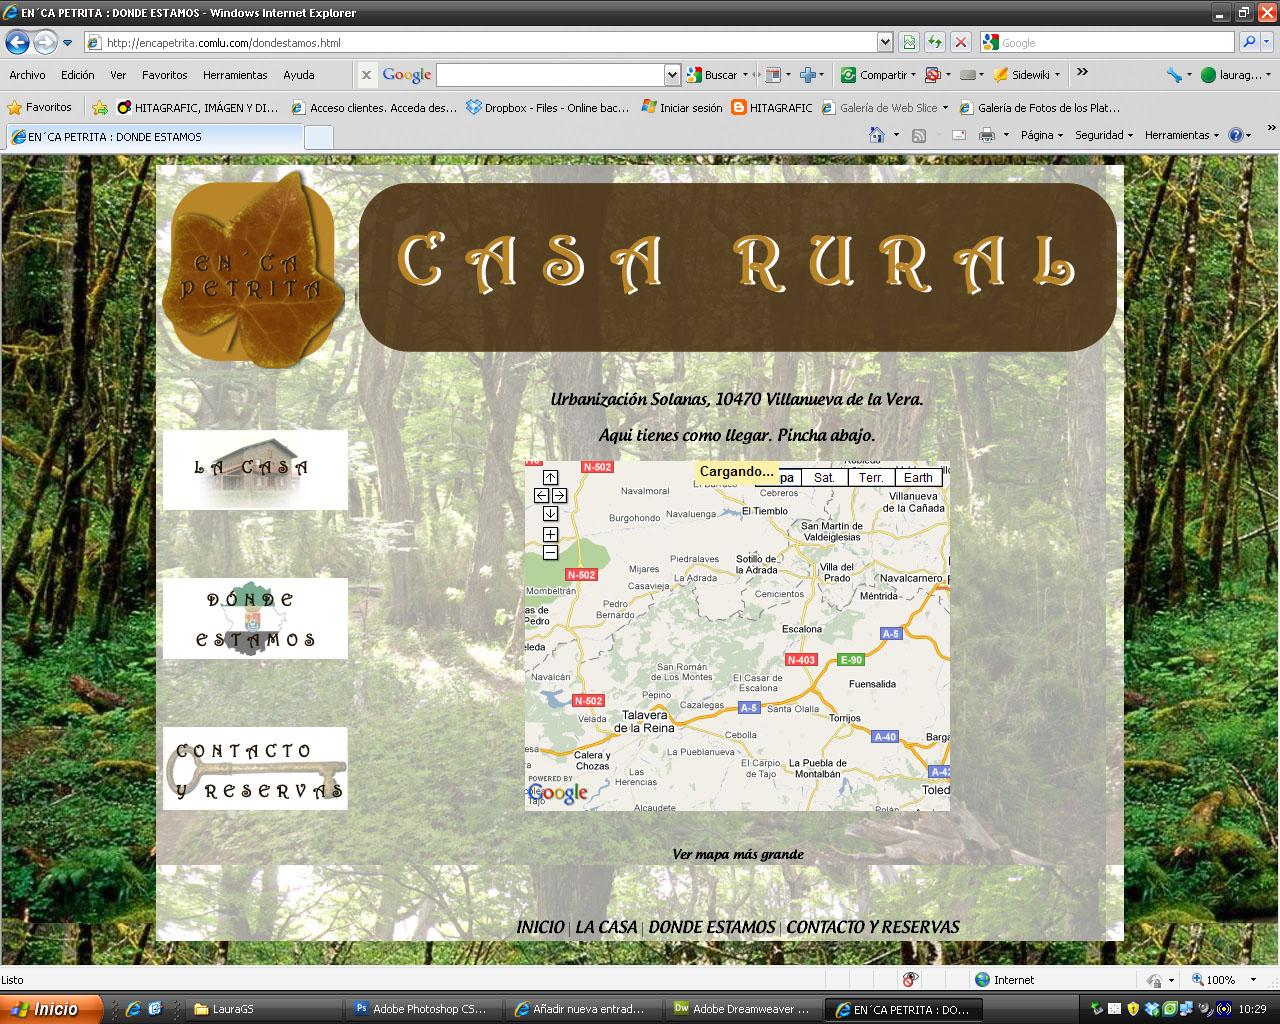 Hitagrafic im genes de la p gina web de casa rural en ca for Casa piscitelli pagina web